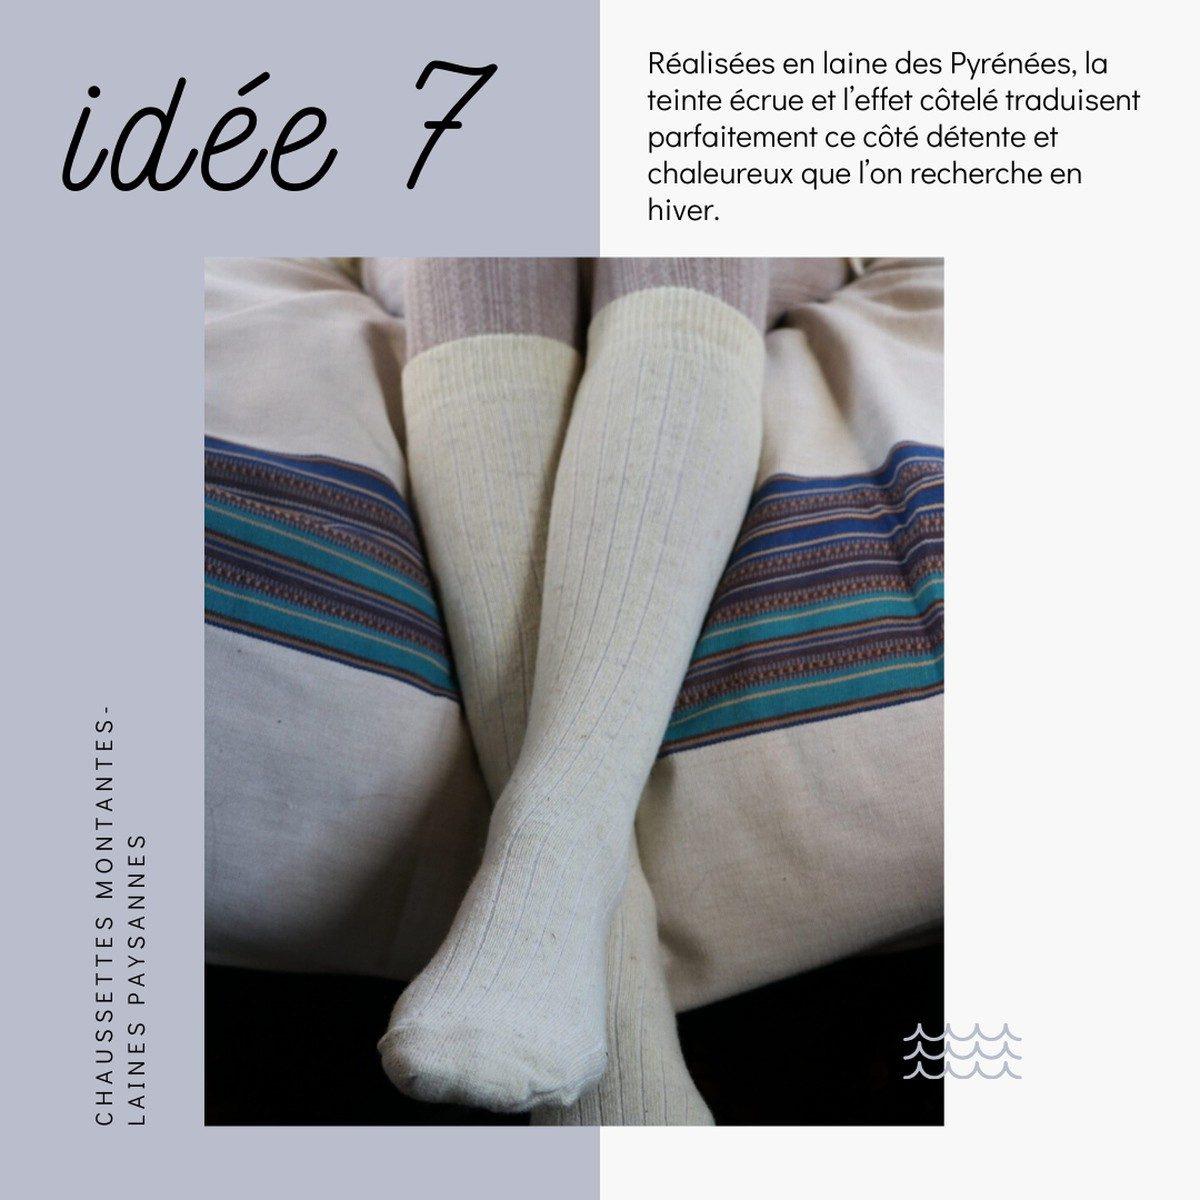 Idées de cadeaux slow fashion et déco à prix doux pour Noël - Chaussettes -laines made in France - Laines Paysannes